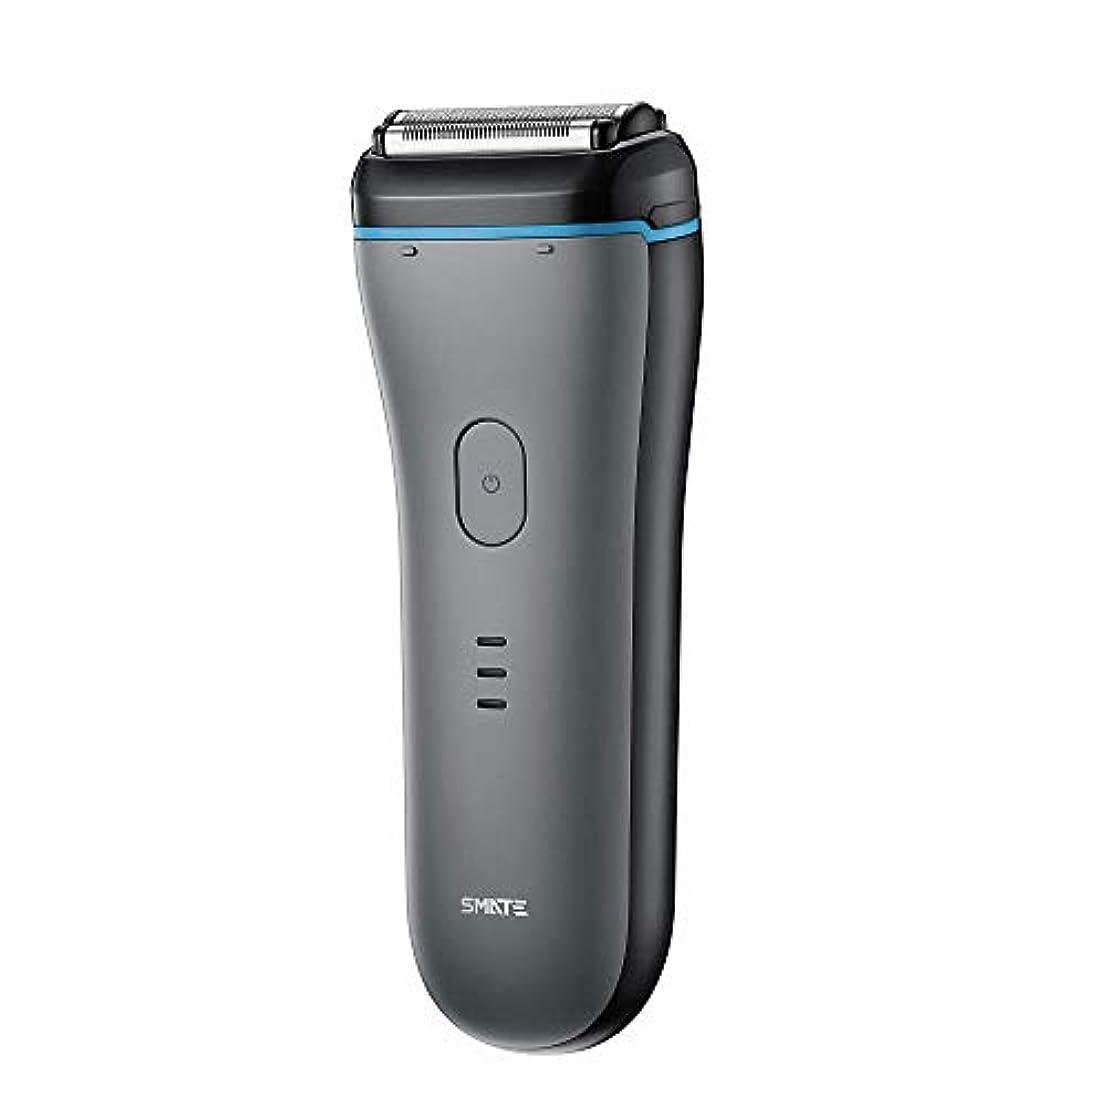 抽出流星ブリーフケースSMATE ひげそり メンズ電気シェーパー 三枚刃往復式 USB充電式 電動髭剃り IPX7防水仕様 水洗い可 お風呂剃り可 乾湿両用-ブラック